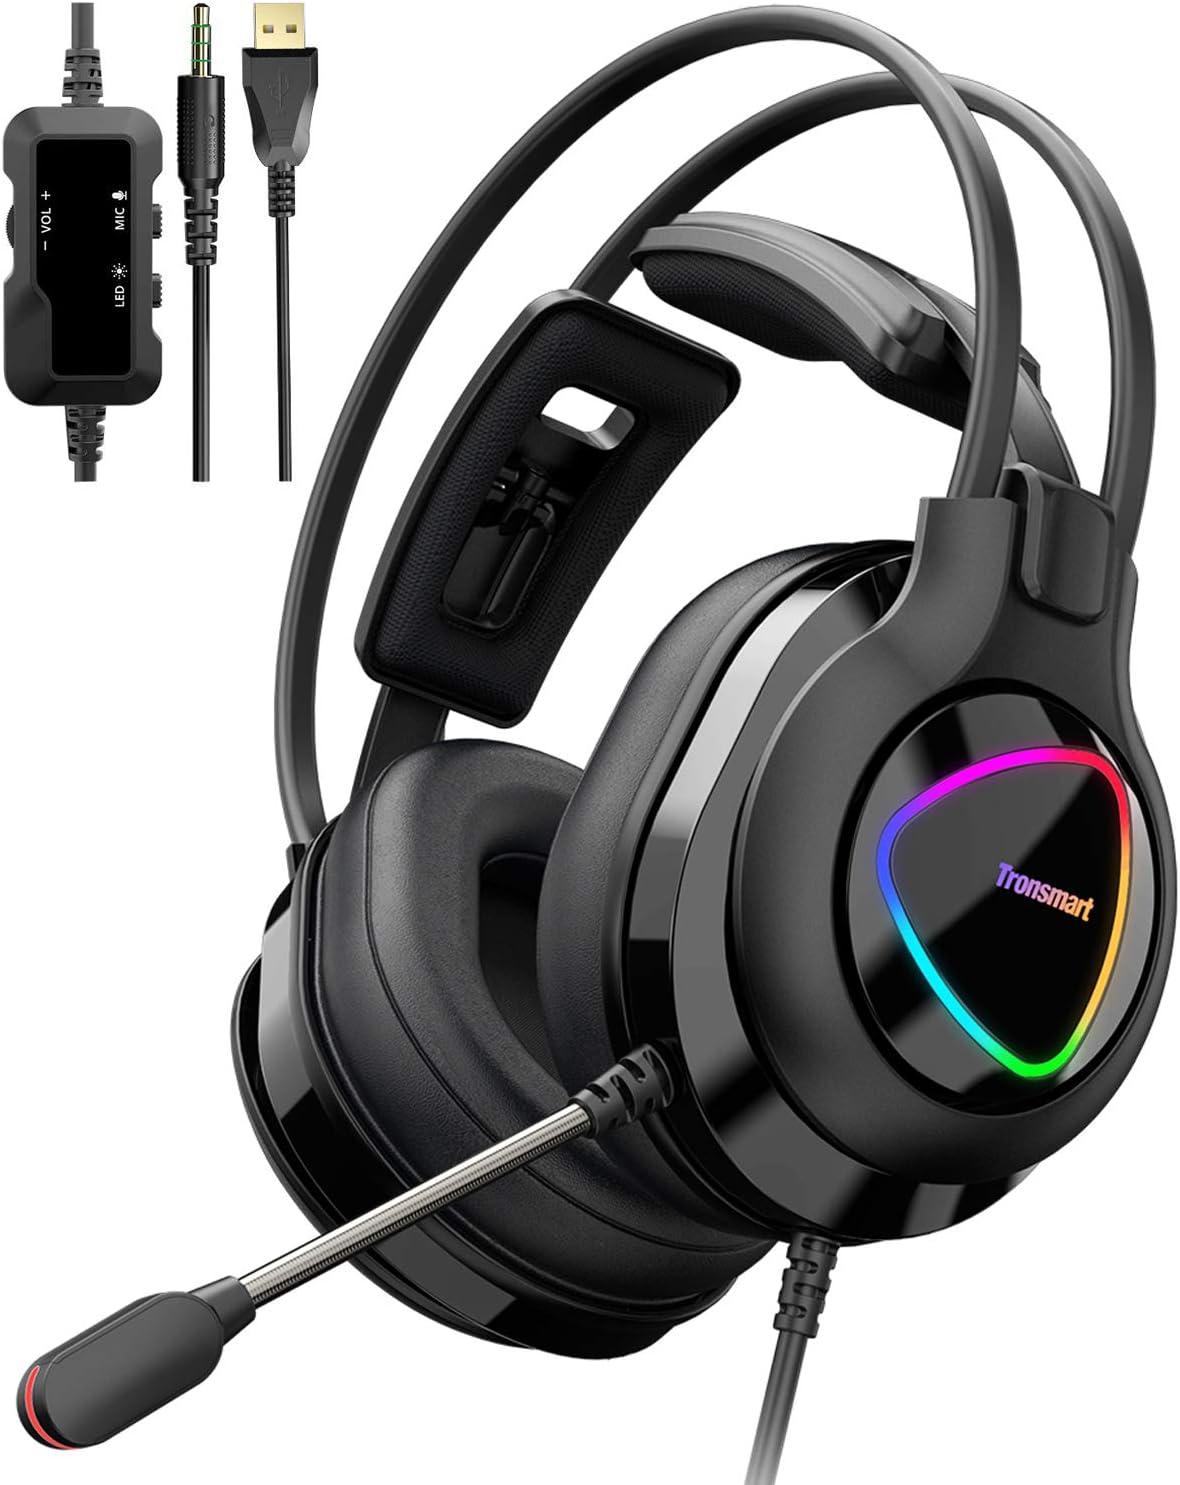 Tronsmart Alpha-glary Auriculares Gaming PS4 50mm Estéreo Envolventes con Micrófono Plegable-Ajustables Espuma-RGB Cascos Gaming 3,5 mm-Ancelación del Ruido para PC,PSP,Xbox One,Switch y móviles